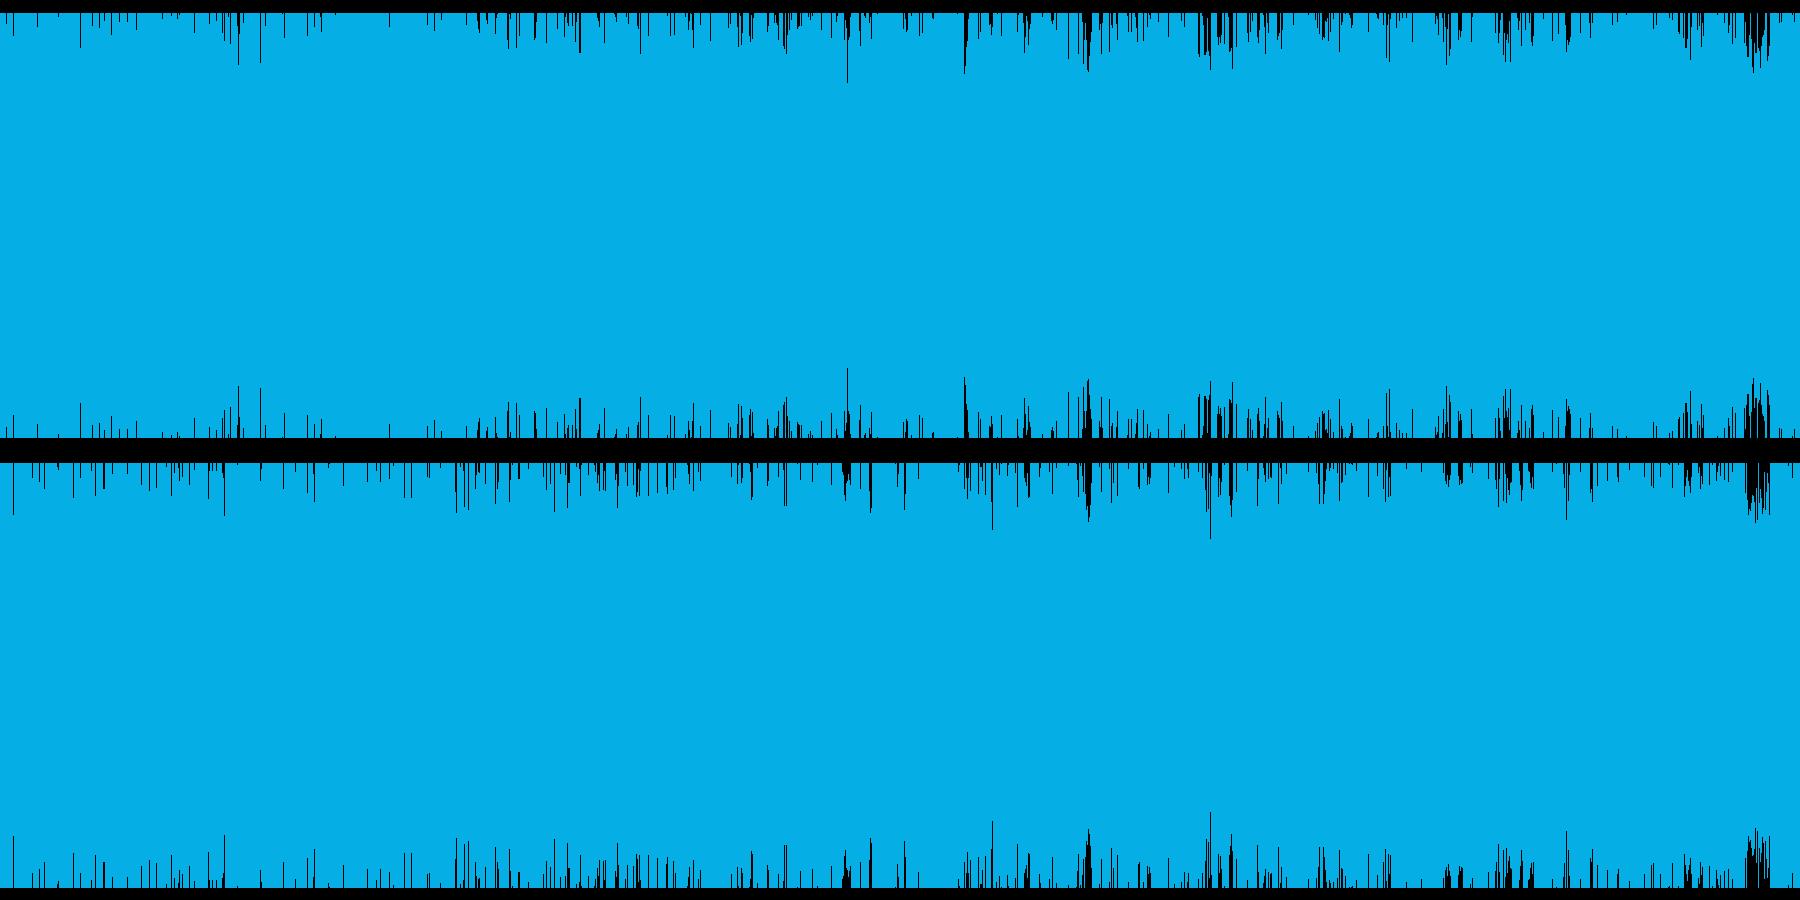 【ループ】激情系・エモーショナルなメタルの再生済みの波形